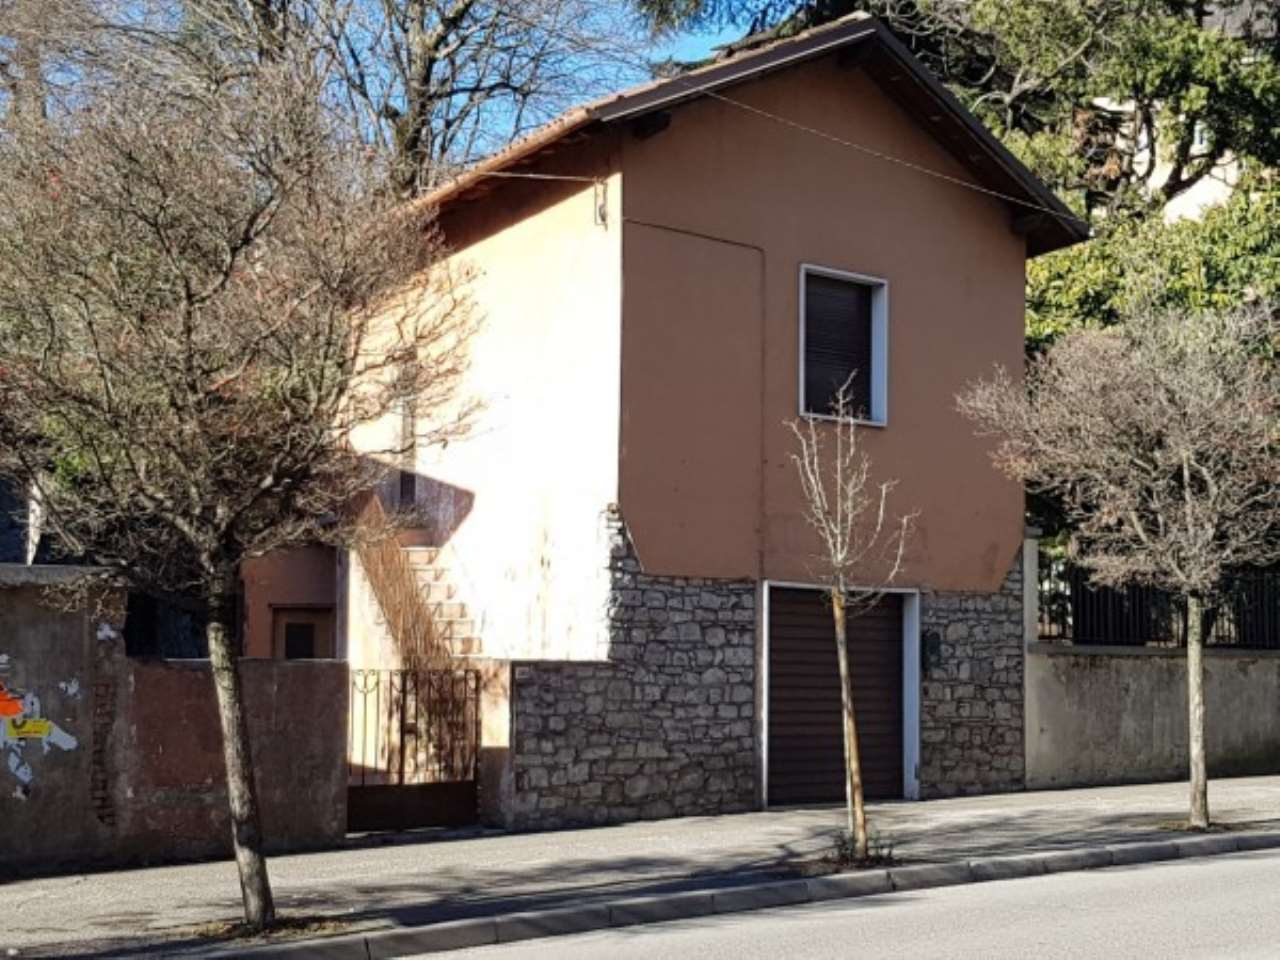 Soluzione Indipendente in vendita a Gardone Val Trompia, 3 locali, prezzo € 39.000 | Cambio Casa.it